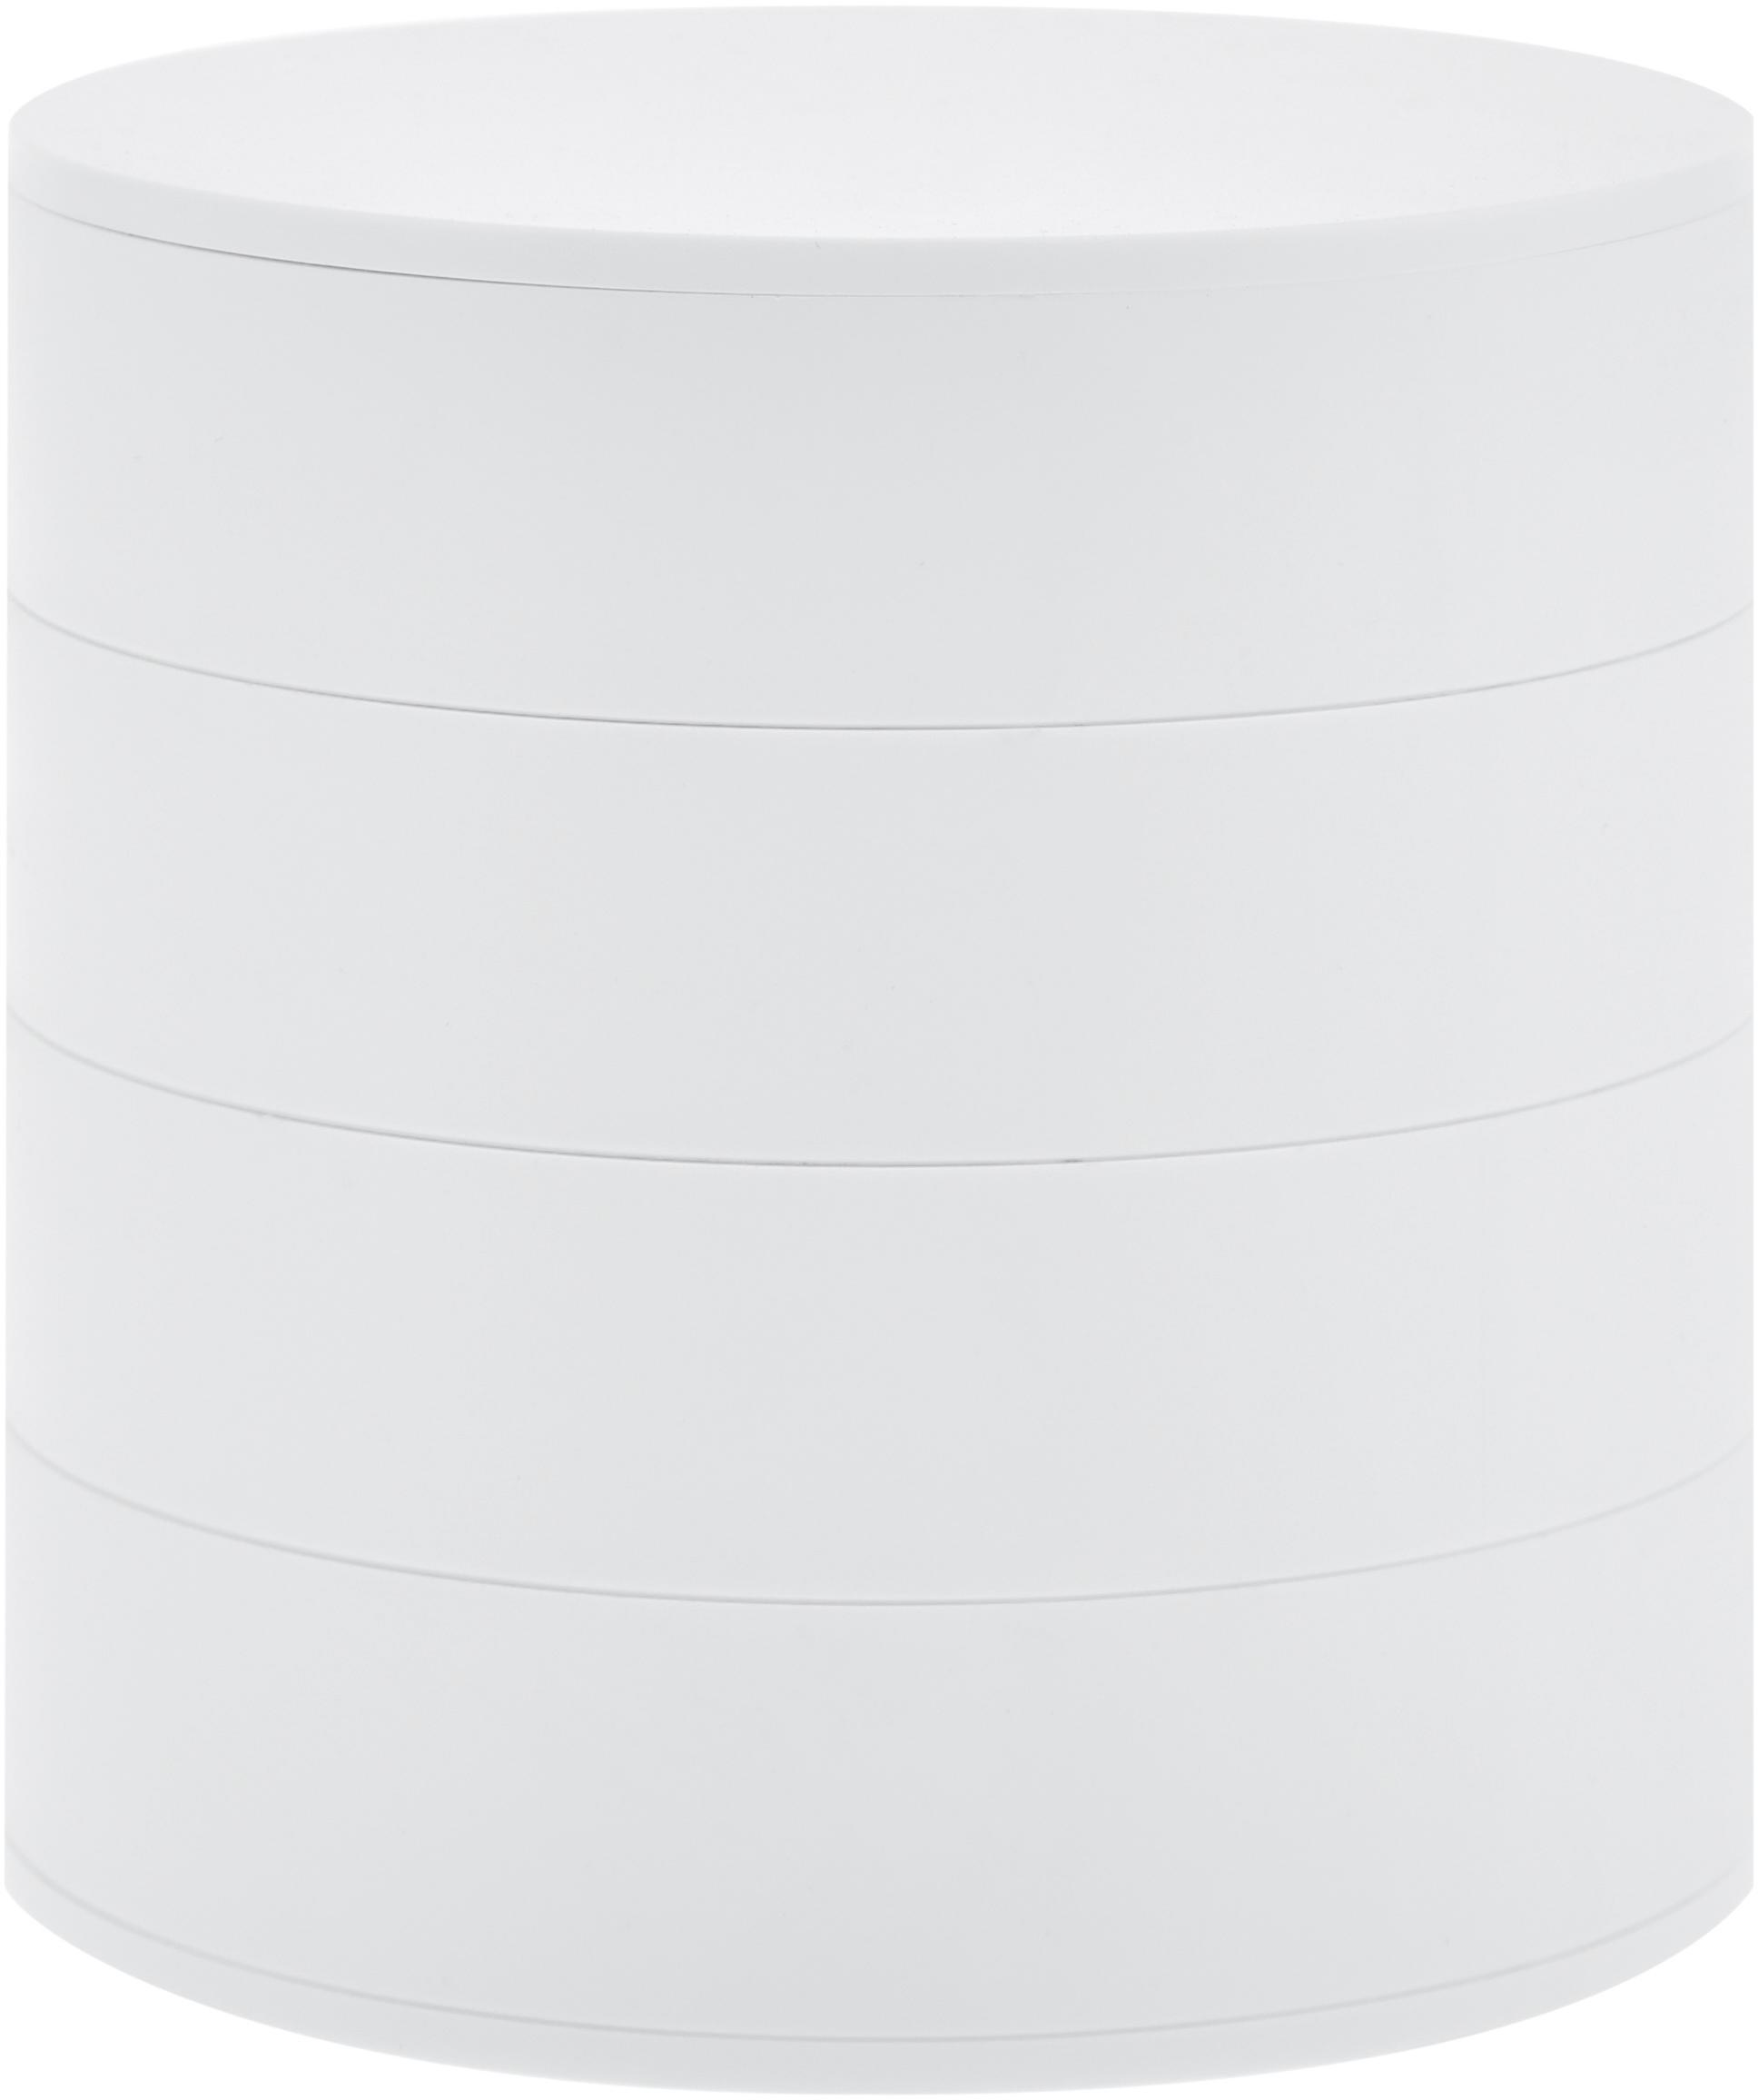 Portagioie Tower, Bianco, Ø 10 x Alt. 10 cm